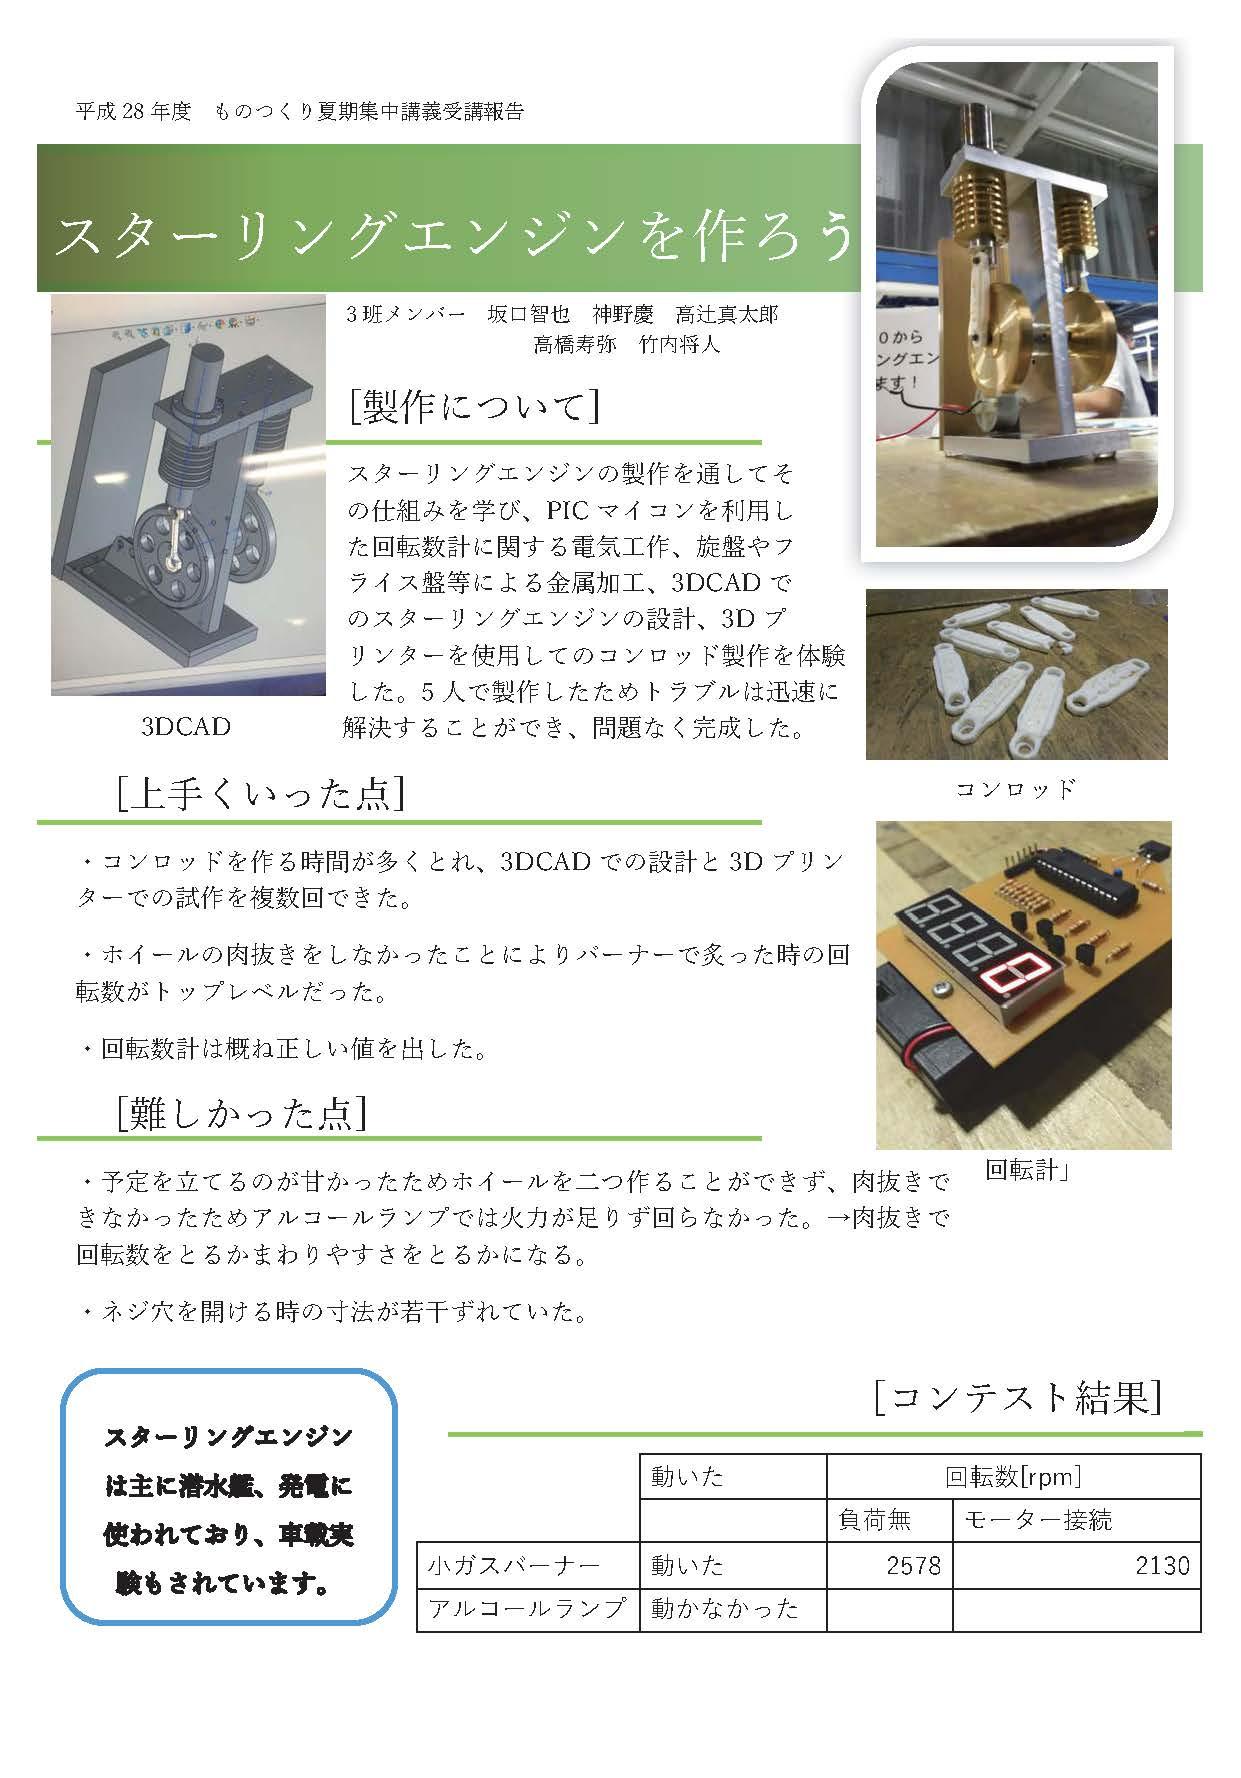 授業報告1-6_ページ_3.jpg